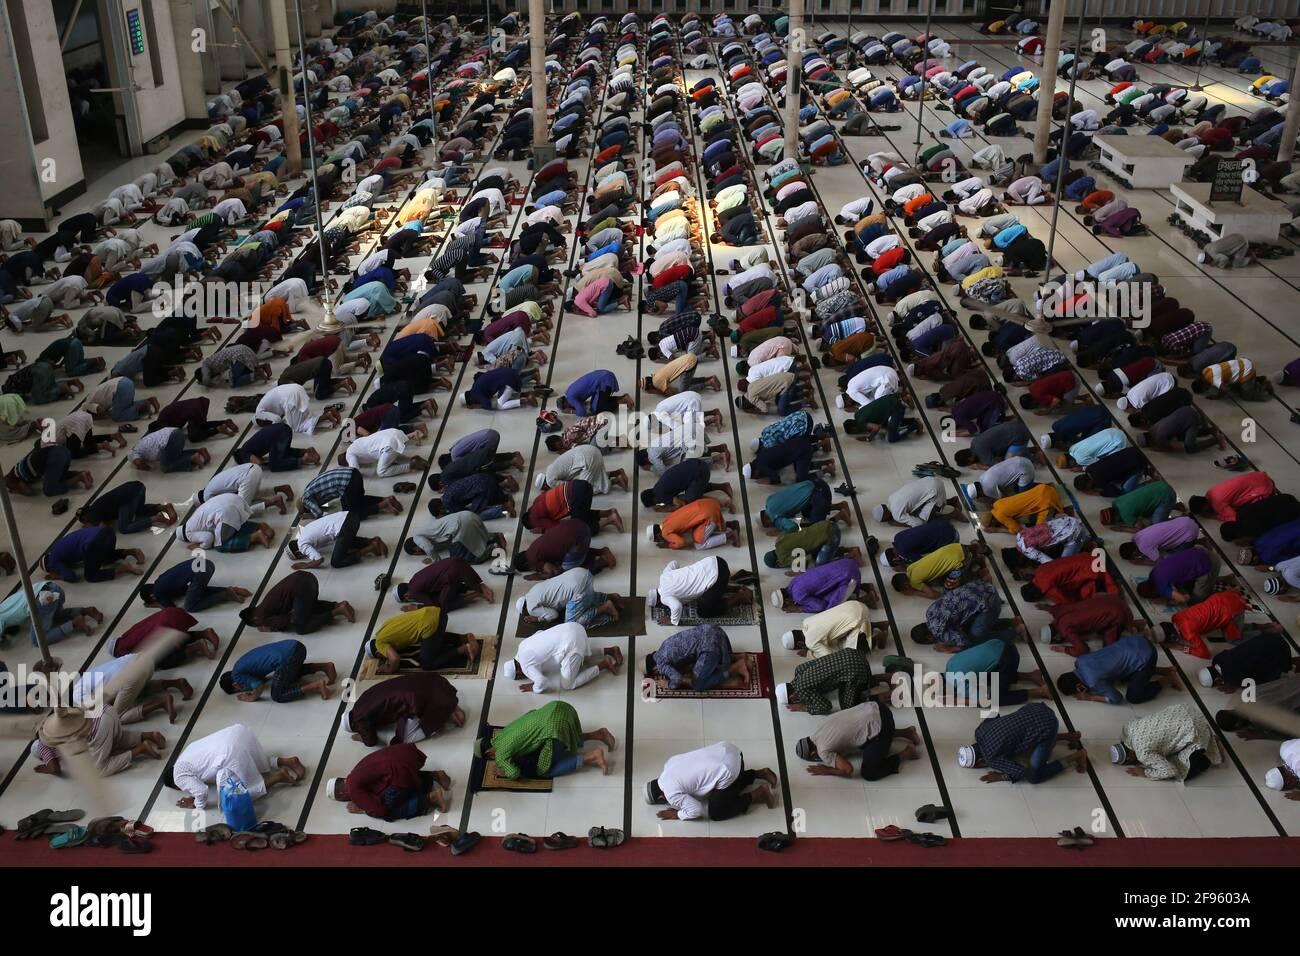 16 de abril de 2021, Dhaka, Bangladesh: Se vio a la gente que ignoraba los temas de seguridad como el distanciamiento social mientras realizaba la primera oración jumma del mes santo del ramadán durante el estricto bloqueo impuesto por el gobierno debido a la pandemia de COVID-19. (Imagen de crédito: © Md. Rakibul Hasan/ZUMA Wire) Foto de stock